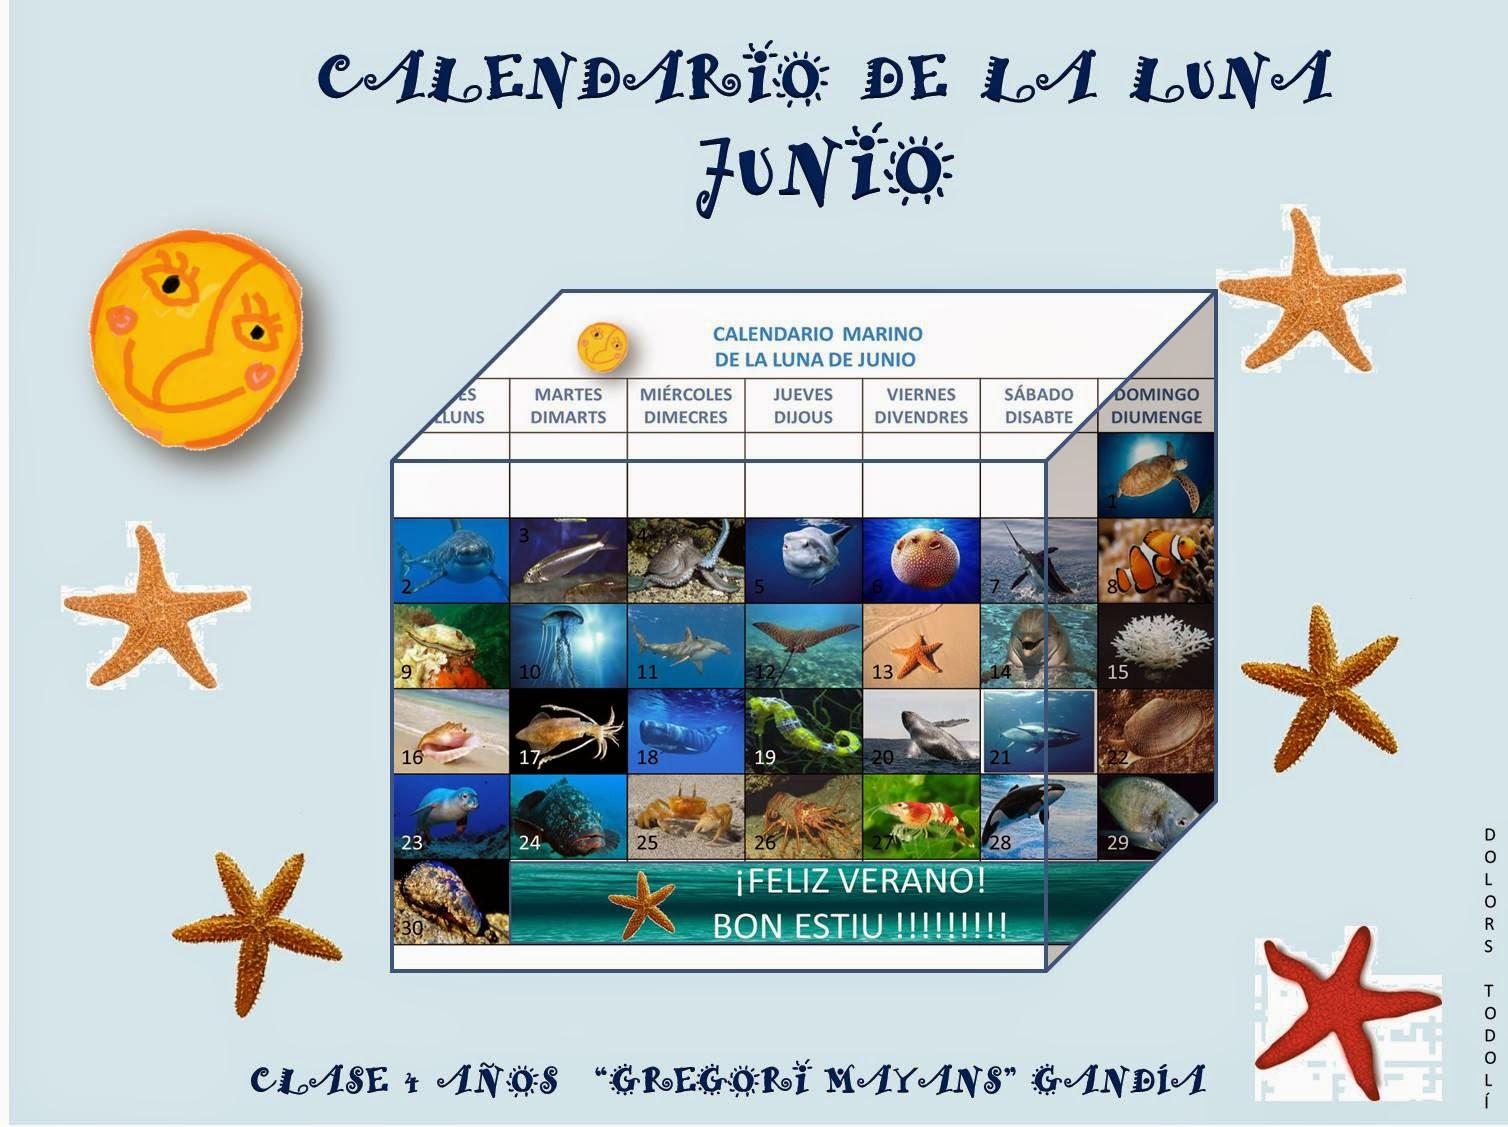 P4gregorimayans2013 el calendario de la luna de junio for Almanaque de la luna